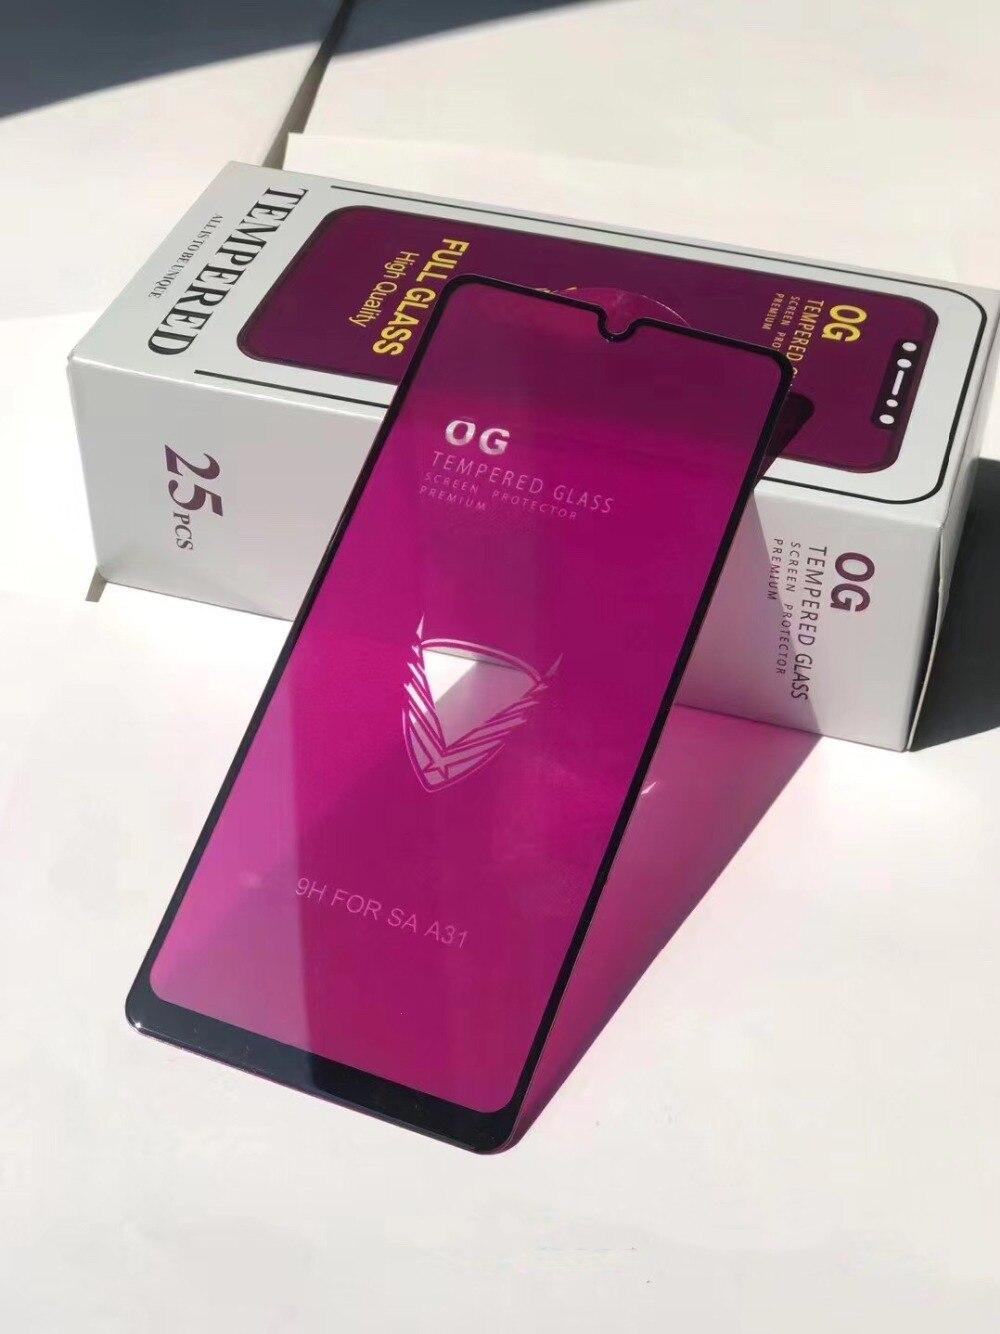 OG película protectora de pantalla de cristal templado para Samsung MOTO A3 A5 A7, película protectora de cristal cubierto para teléfono inteligente SAMSUNG